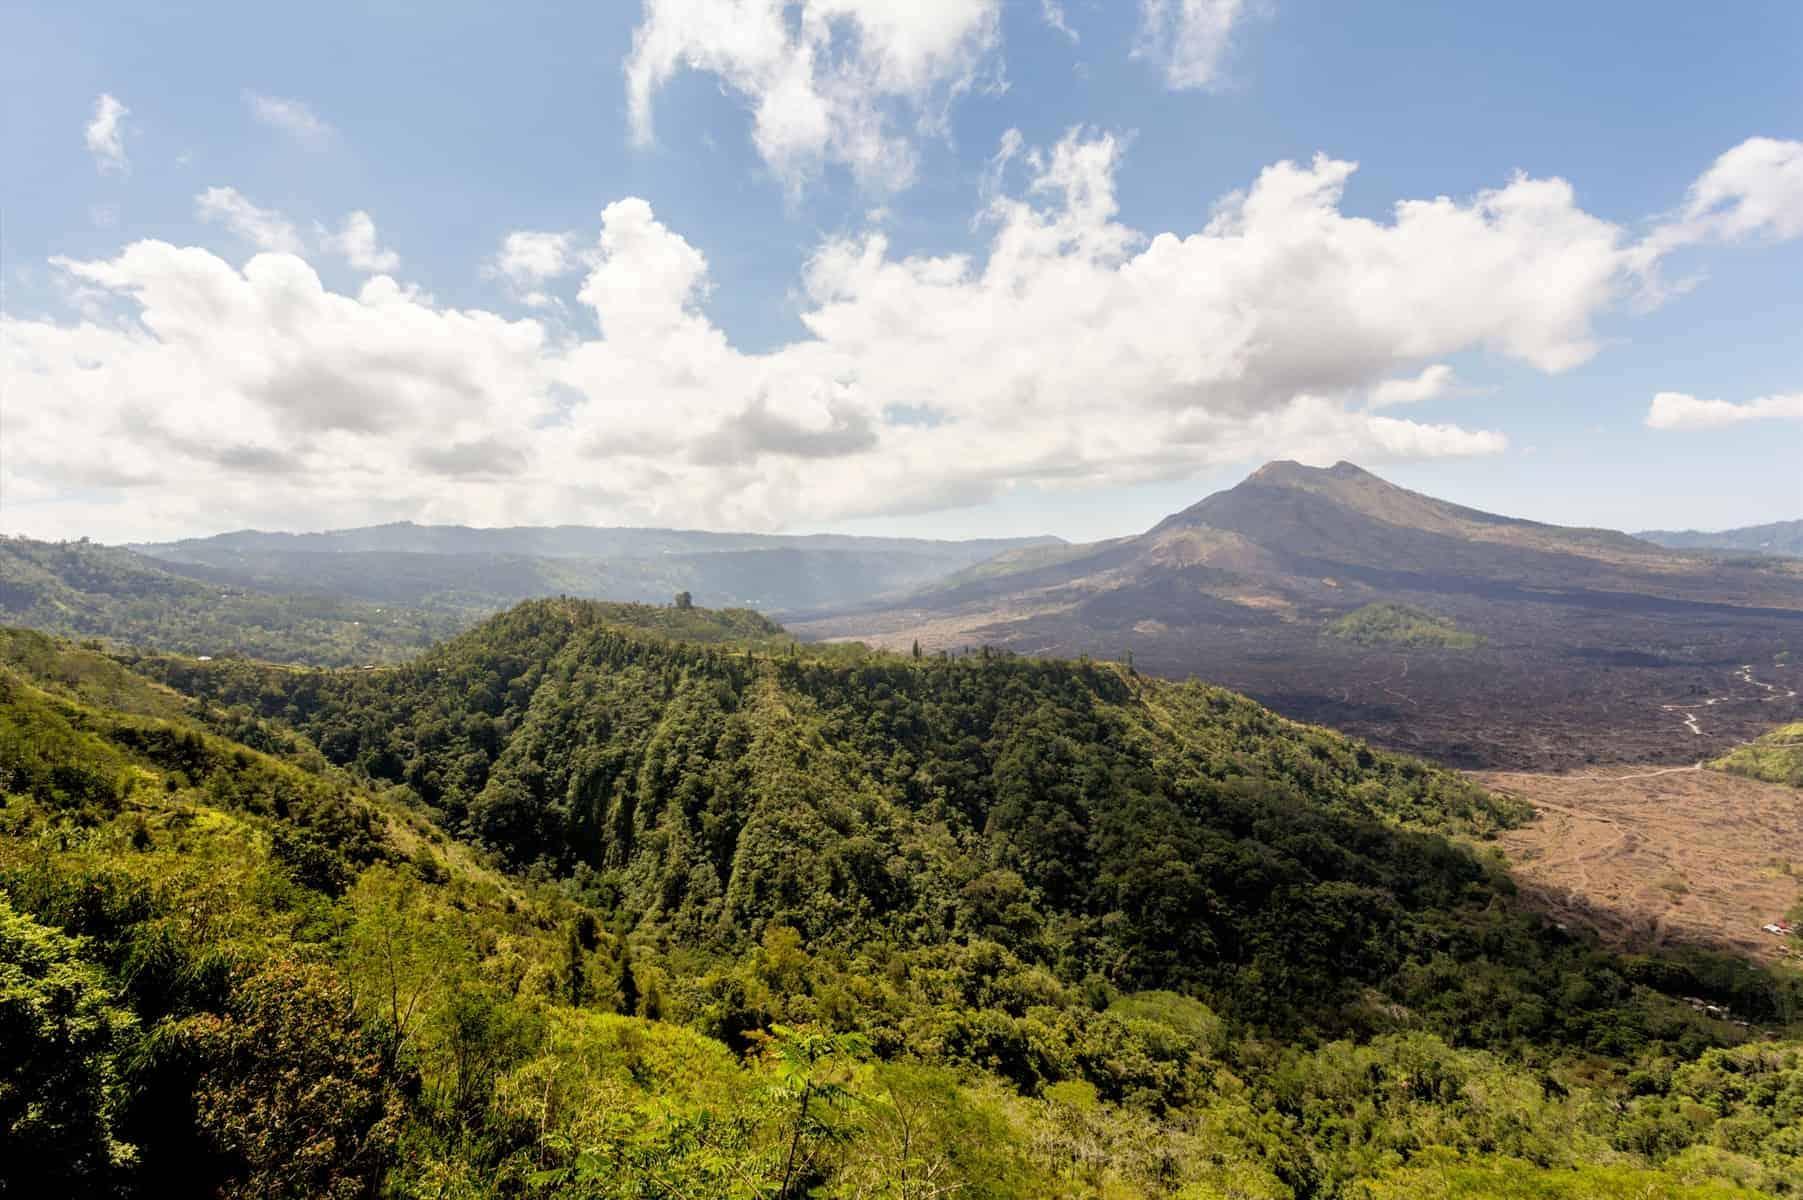 Volcano Mount Sinabung at North Sumatera